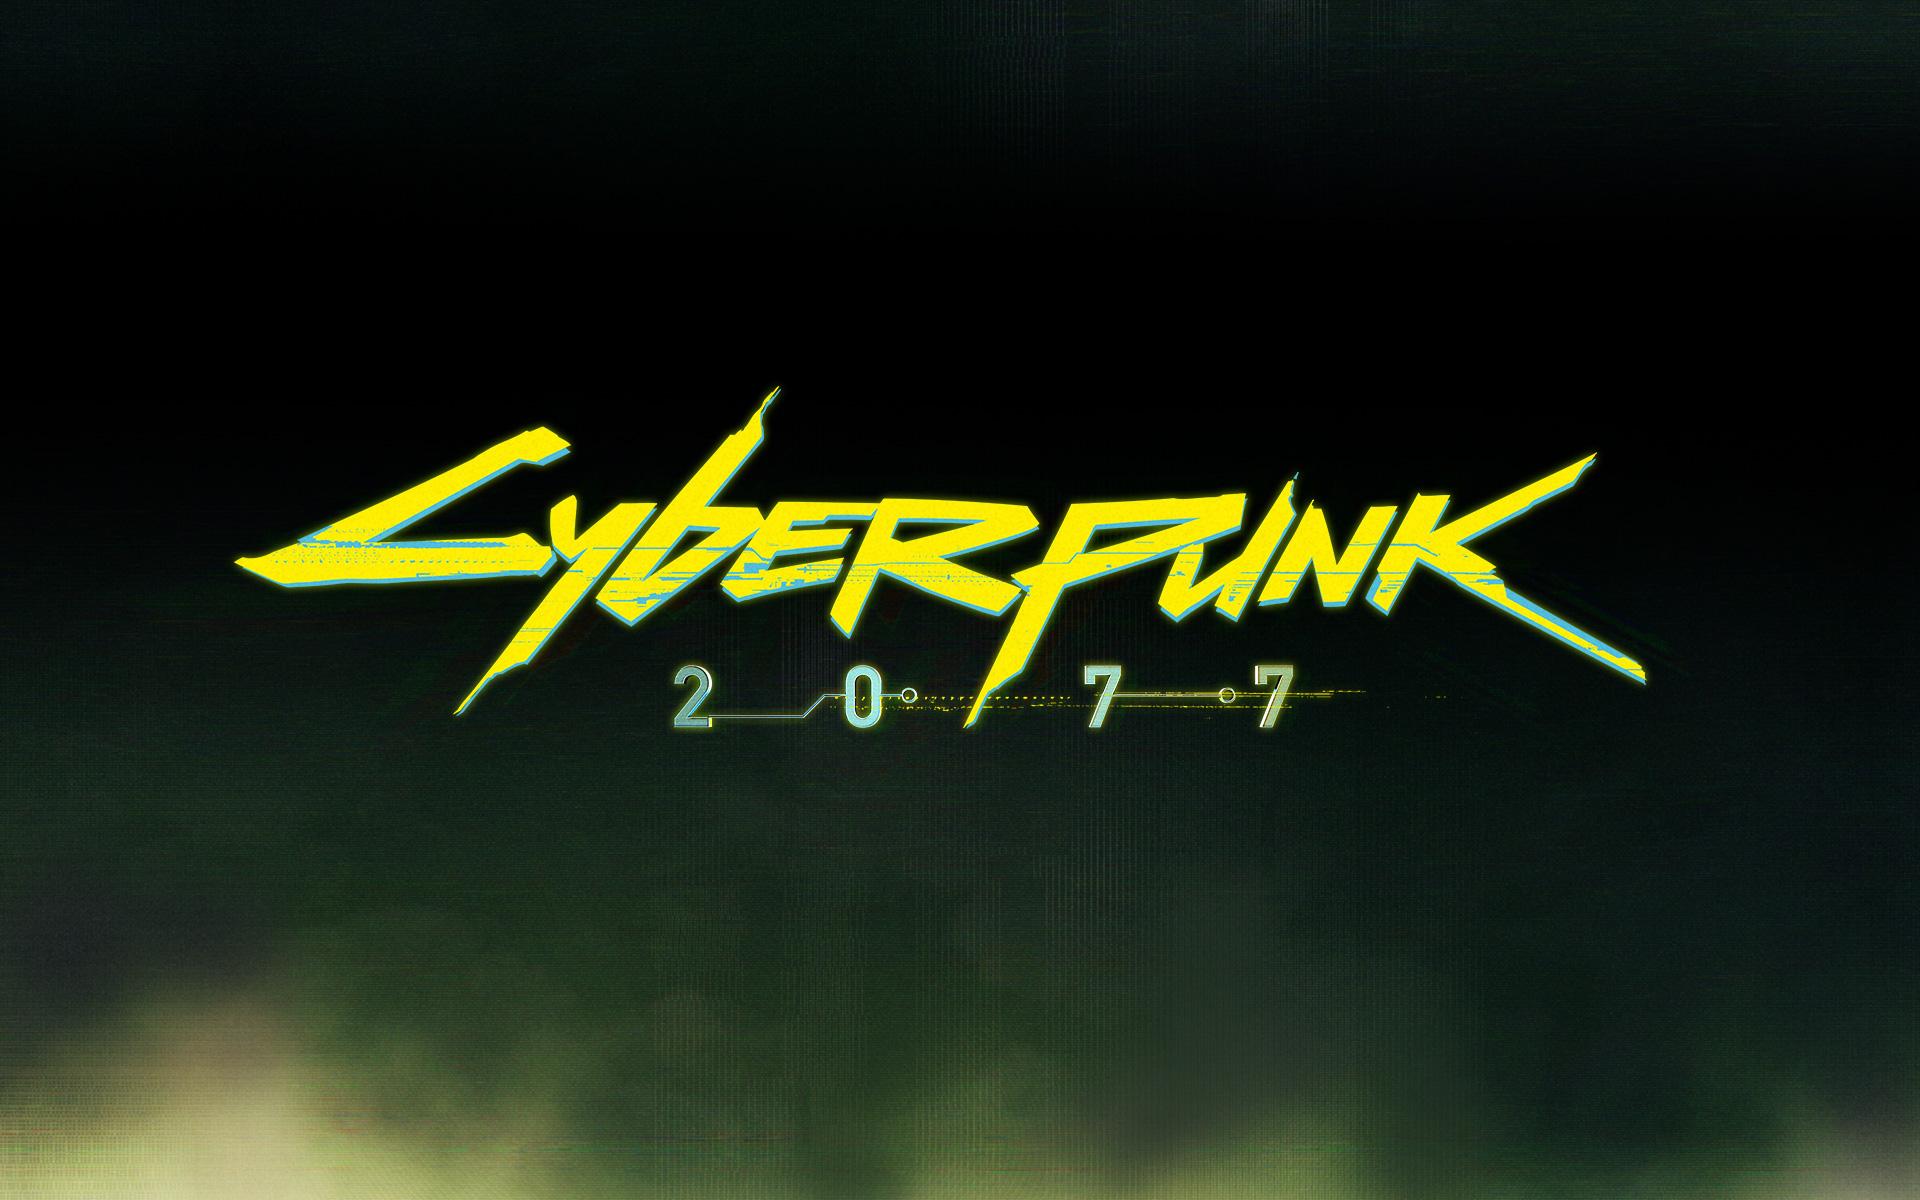 News – Cyberpunk 2077 avrà il multiplayer, per un successo a lungo termine